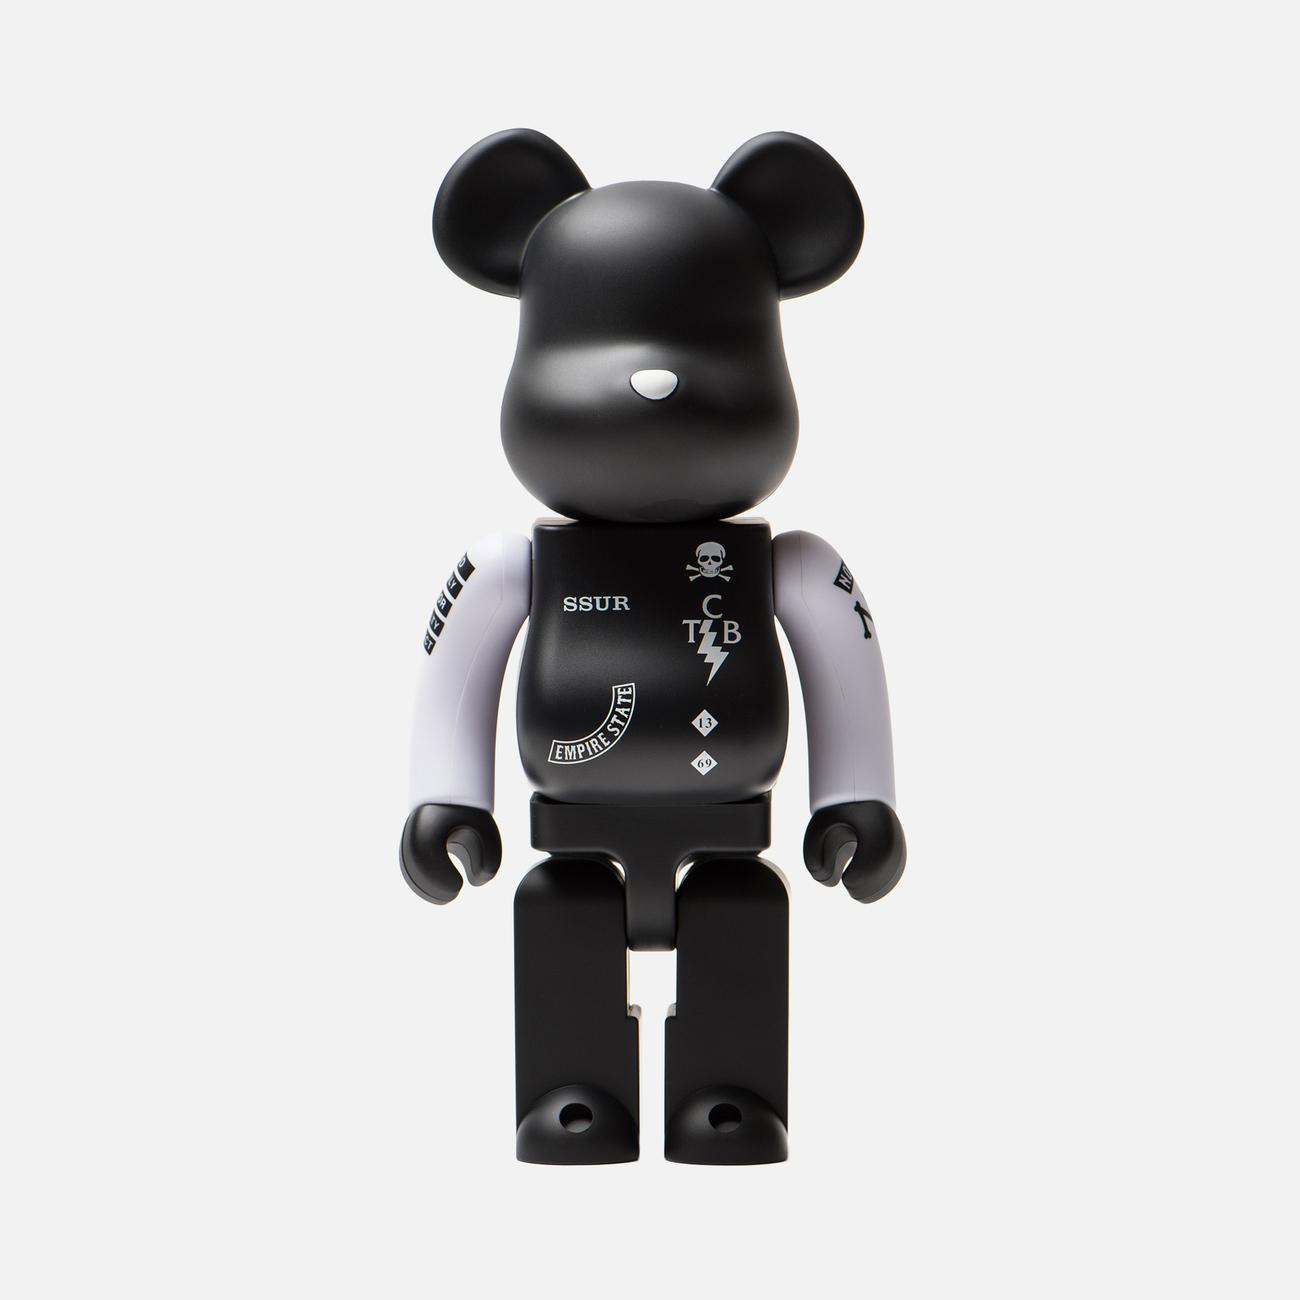 Игрушка Medicom Toy Bearbrick SSUR 400%